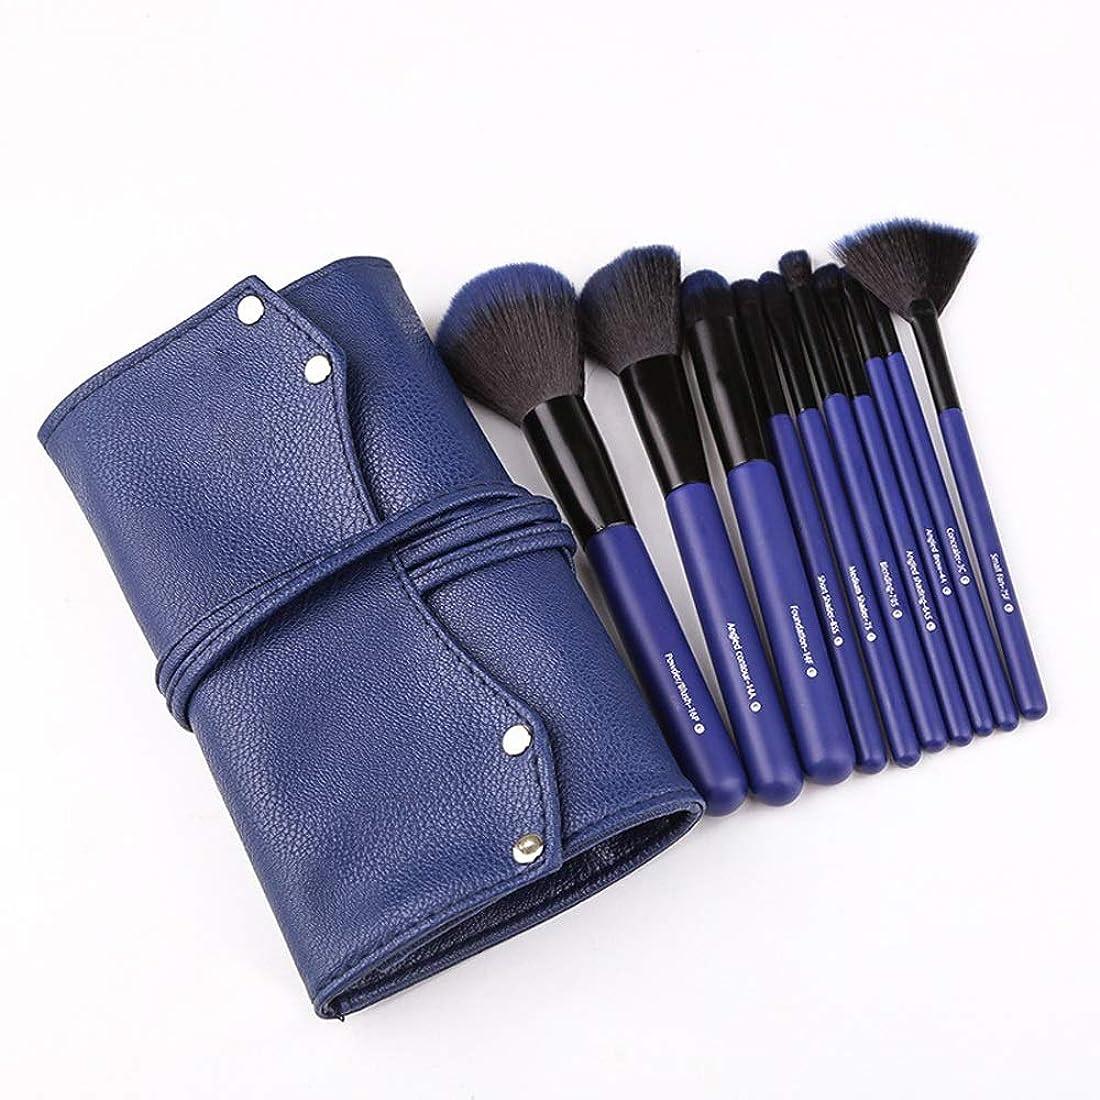 発掘するオークション粒MXLTIANDAO メイクブラシ 化粧筆 ふわっふわ メイク用 耐久性 ブラシ 道具 初心者 セット ブラシ (Color : 青, Size : フリー)